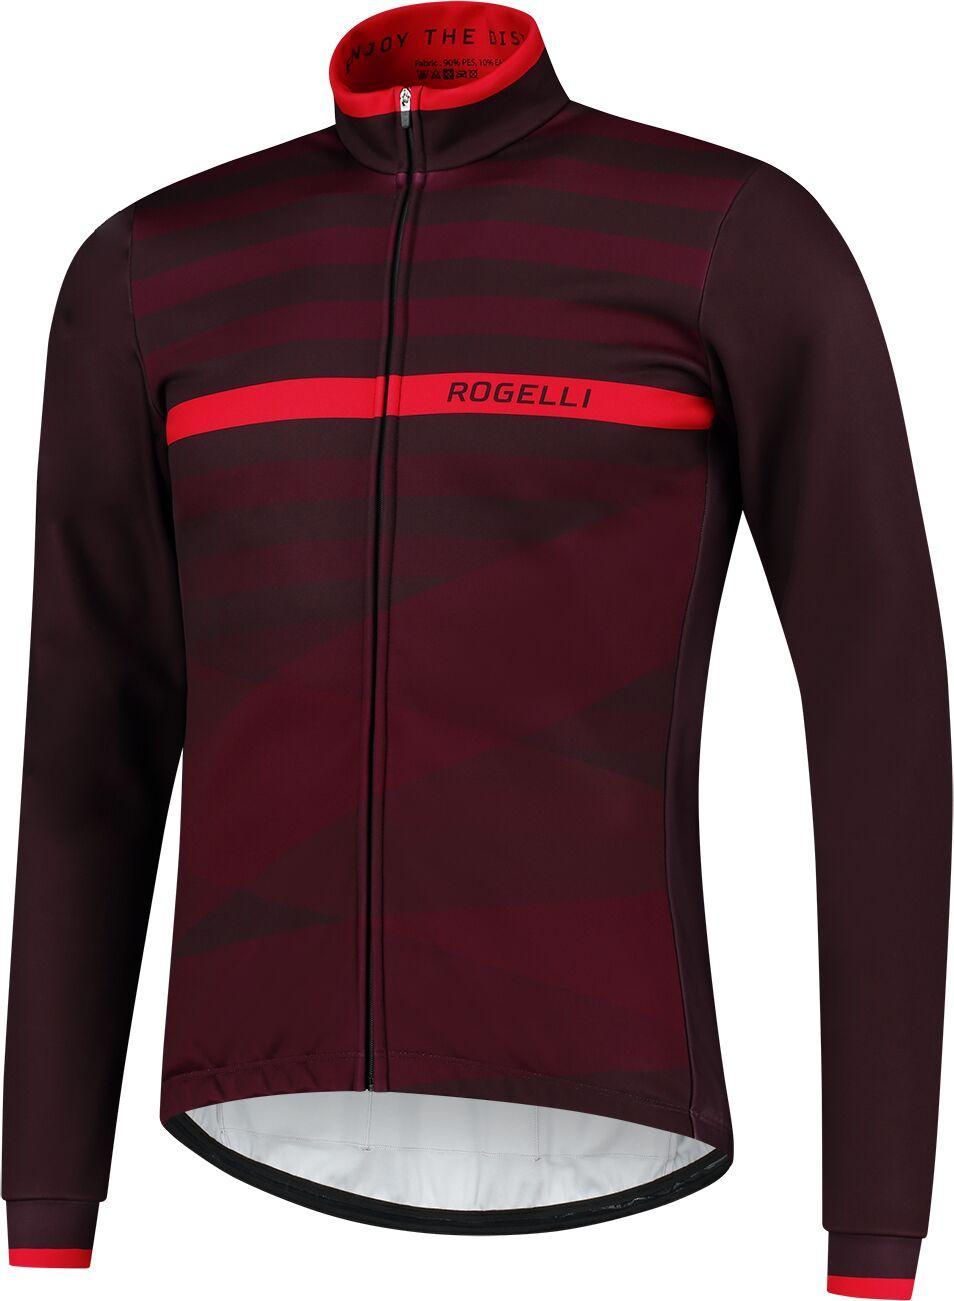 ROGELLI kurtka rowerowa zimowa STRIPE claret ROG351042 Rozmiar: M,SROG351042.S